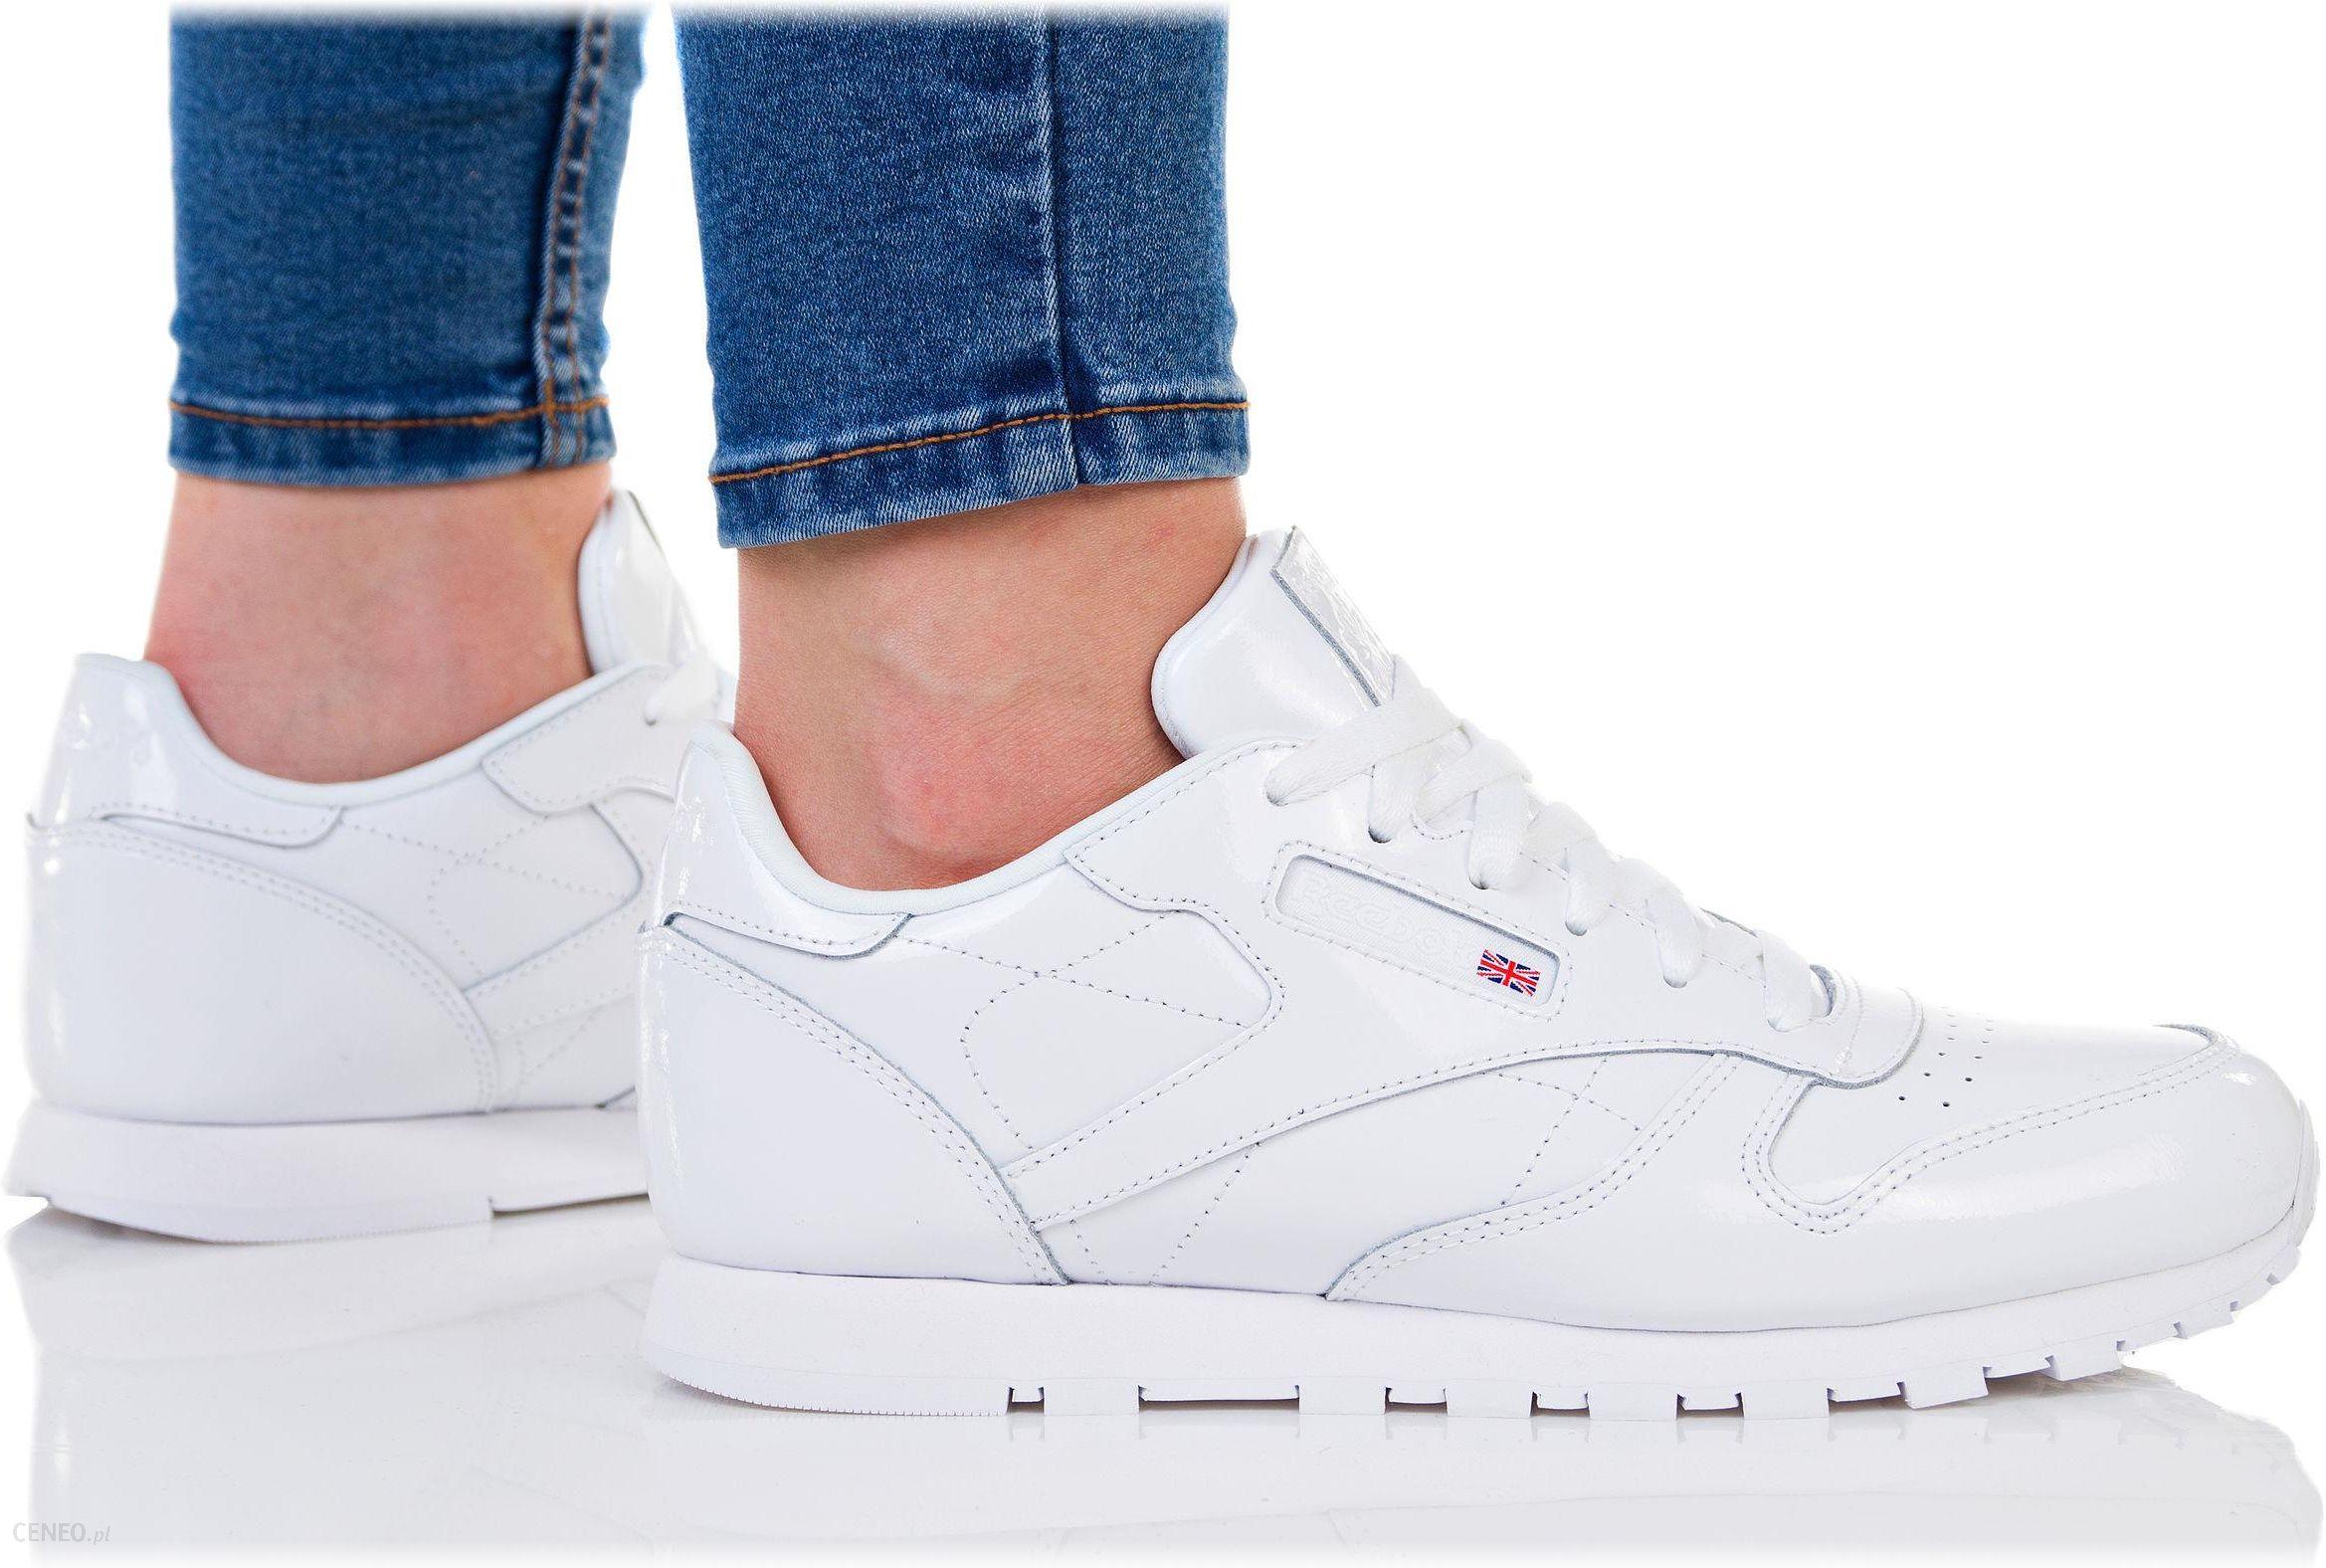 Wyprzedaż Buty Damskie Reebok Classic Leather Białe